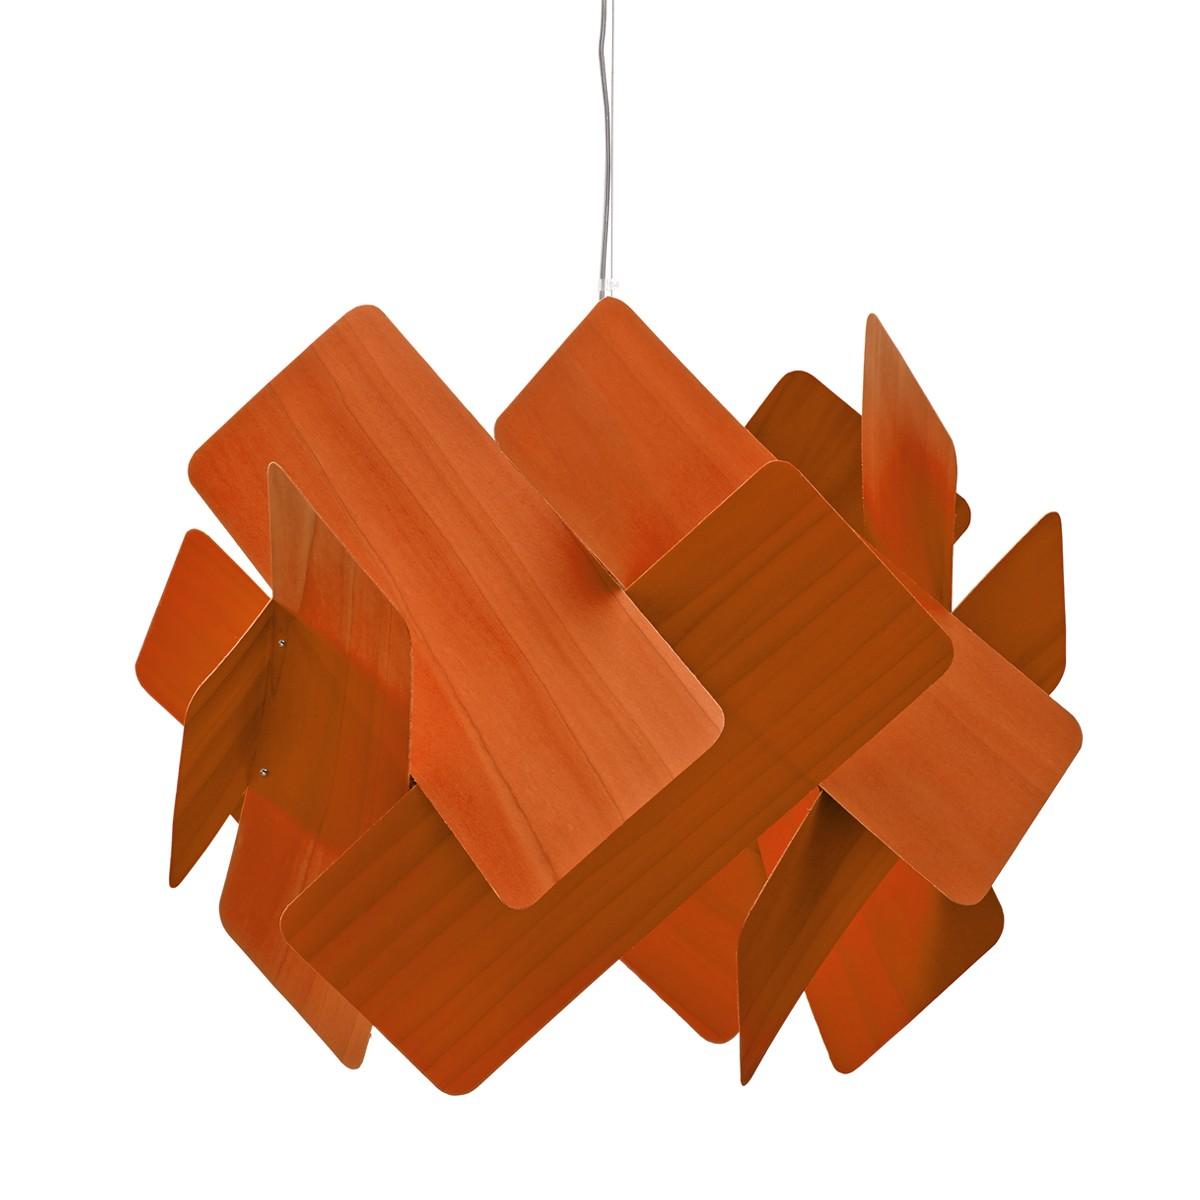 LZF Lamps Escape Large Pendelleuchte, orange